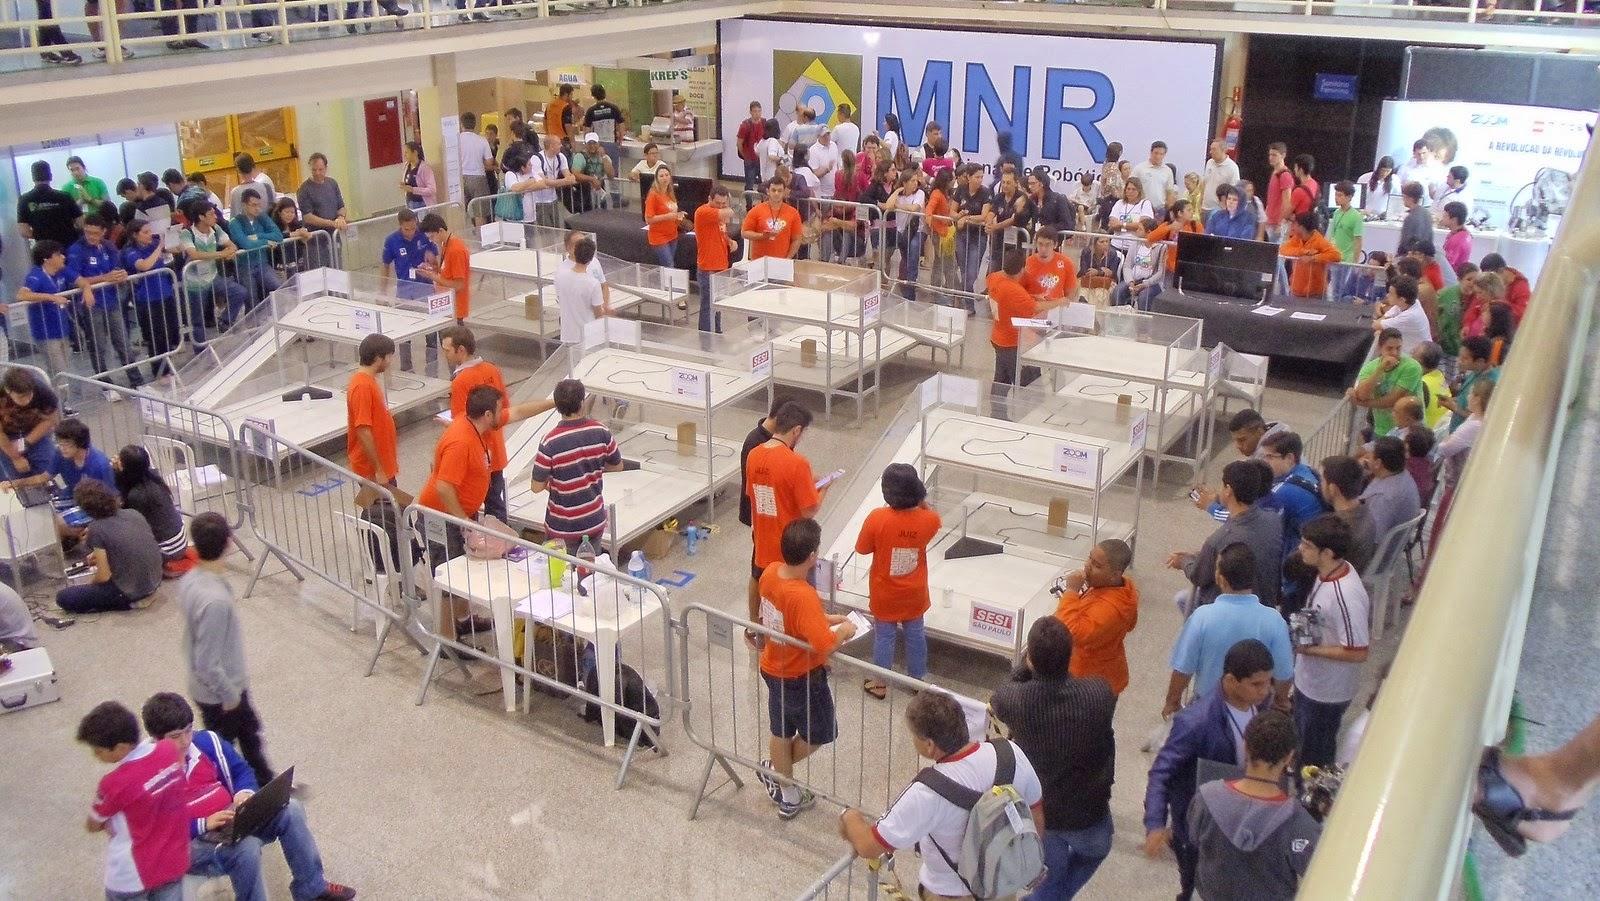 Mostra Nacional de Robótica - Competições